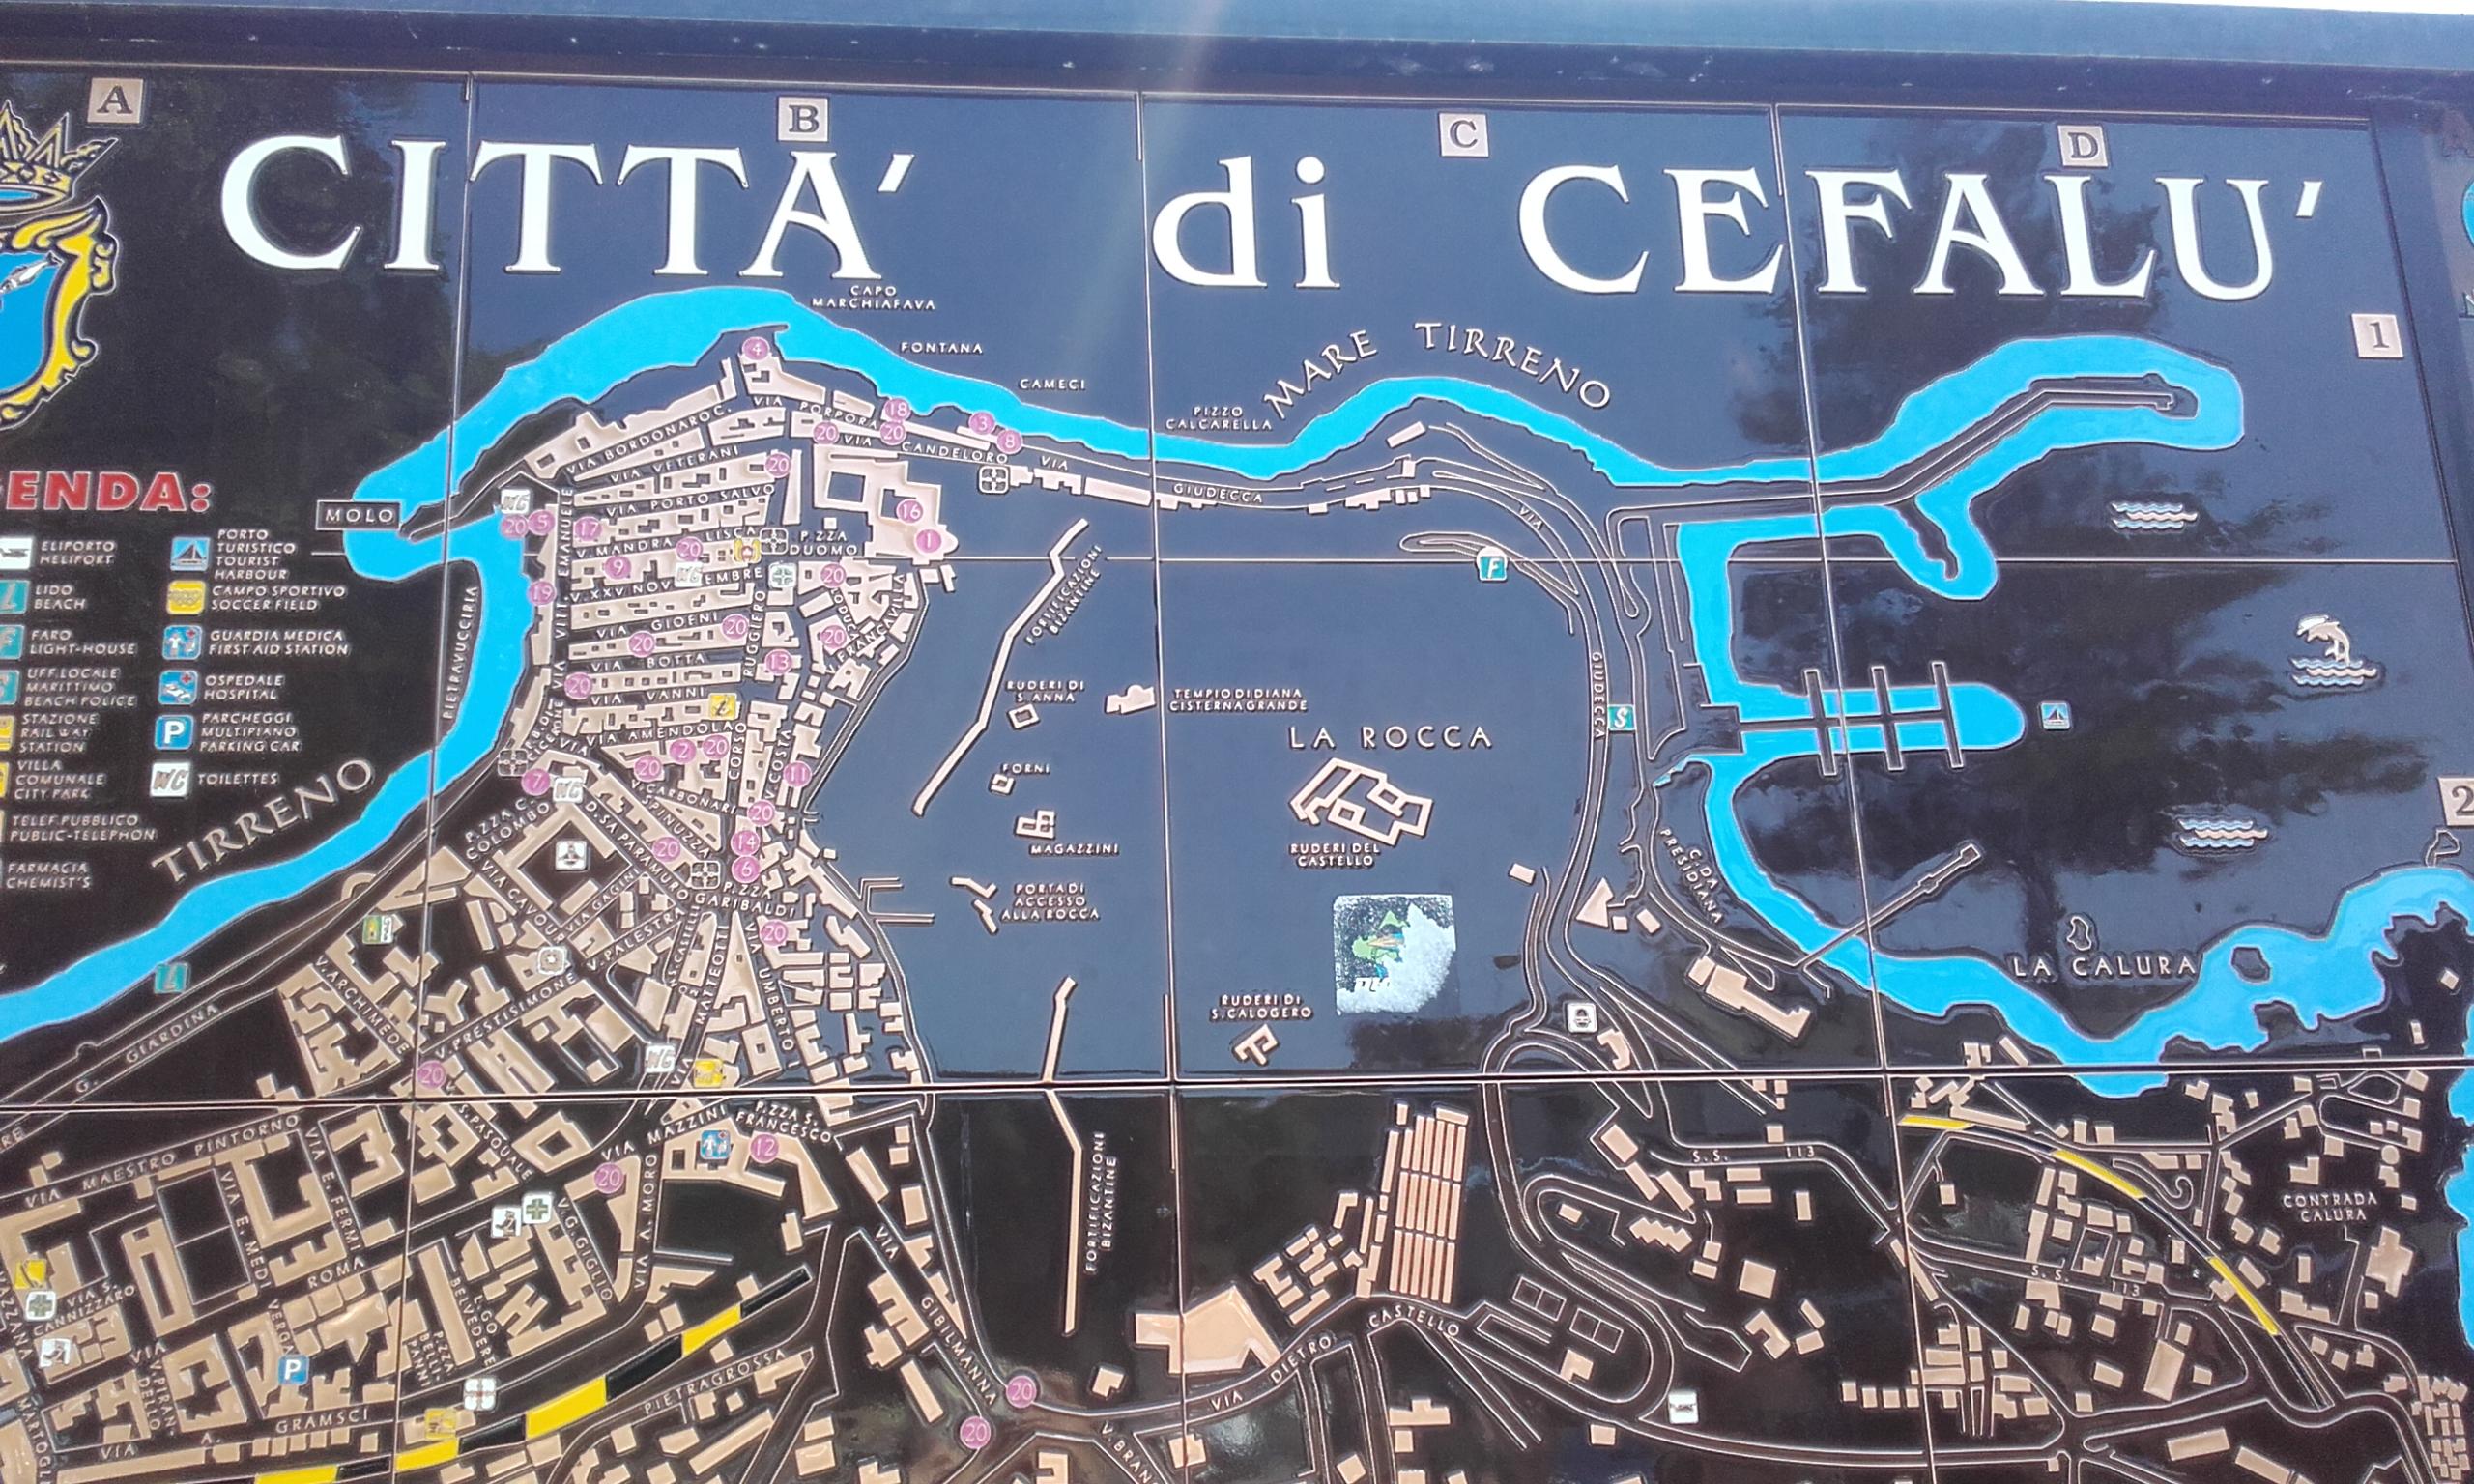 Mapa de la ciudad de Cefalú